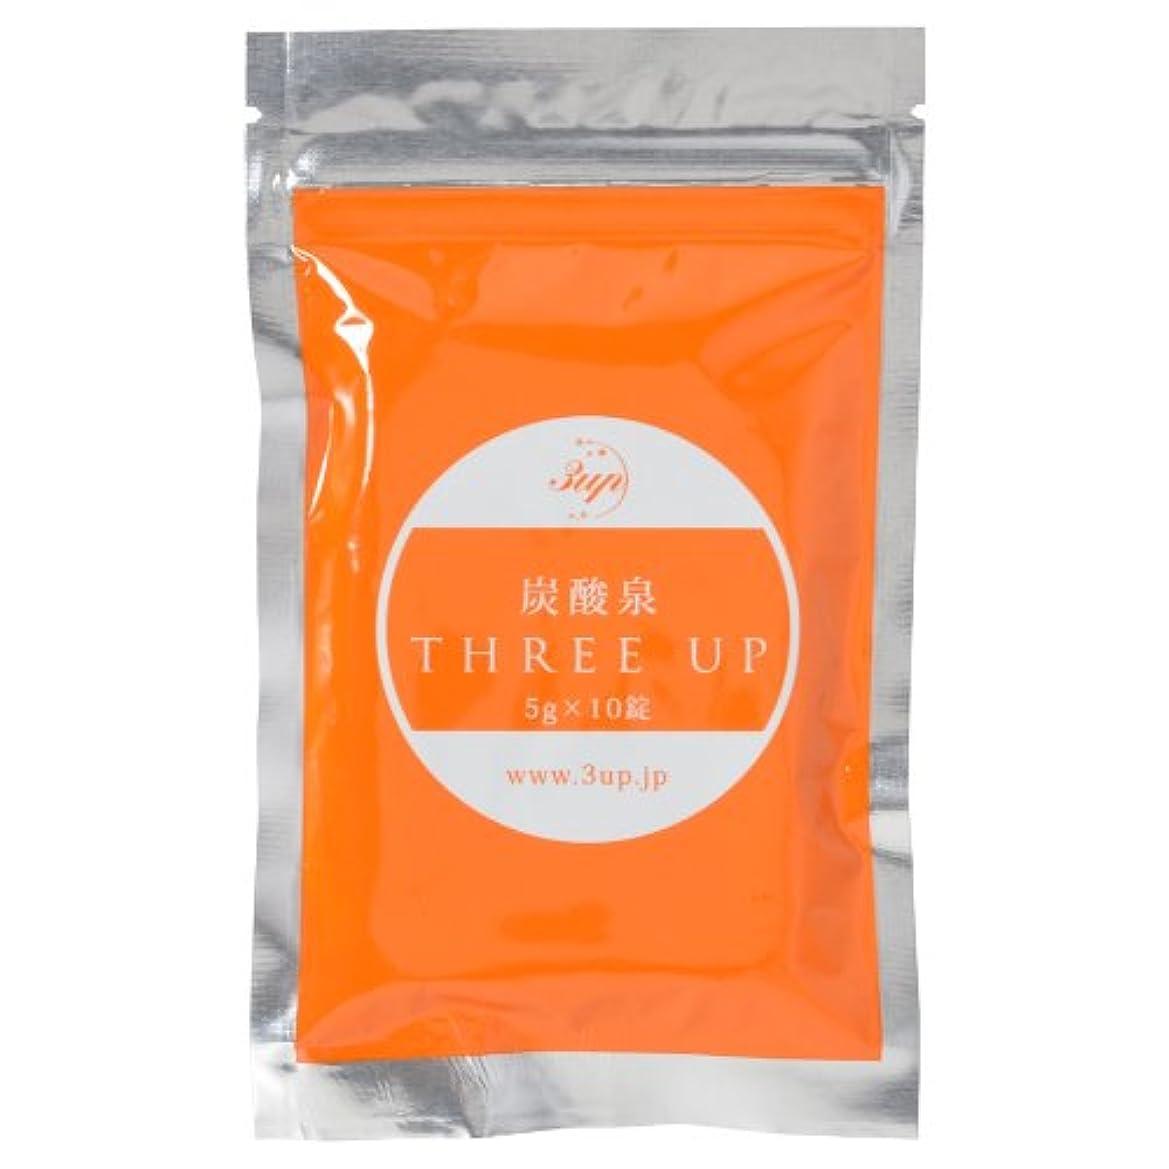 グロー助けになる郵便局3upスリーアップ 重炭酸イオンタブレット(洗顔用) 1袋:5g×10錠